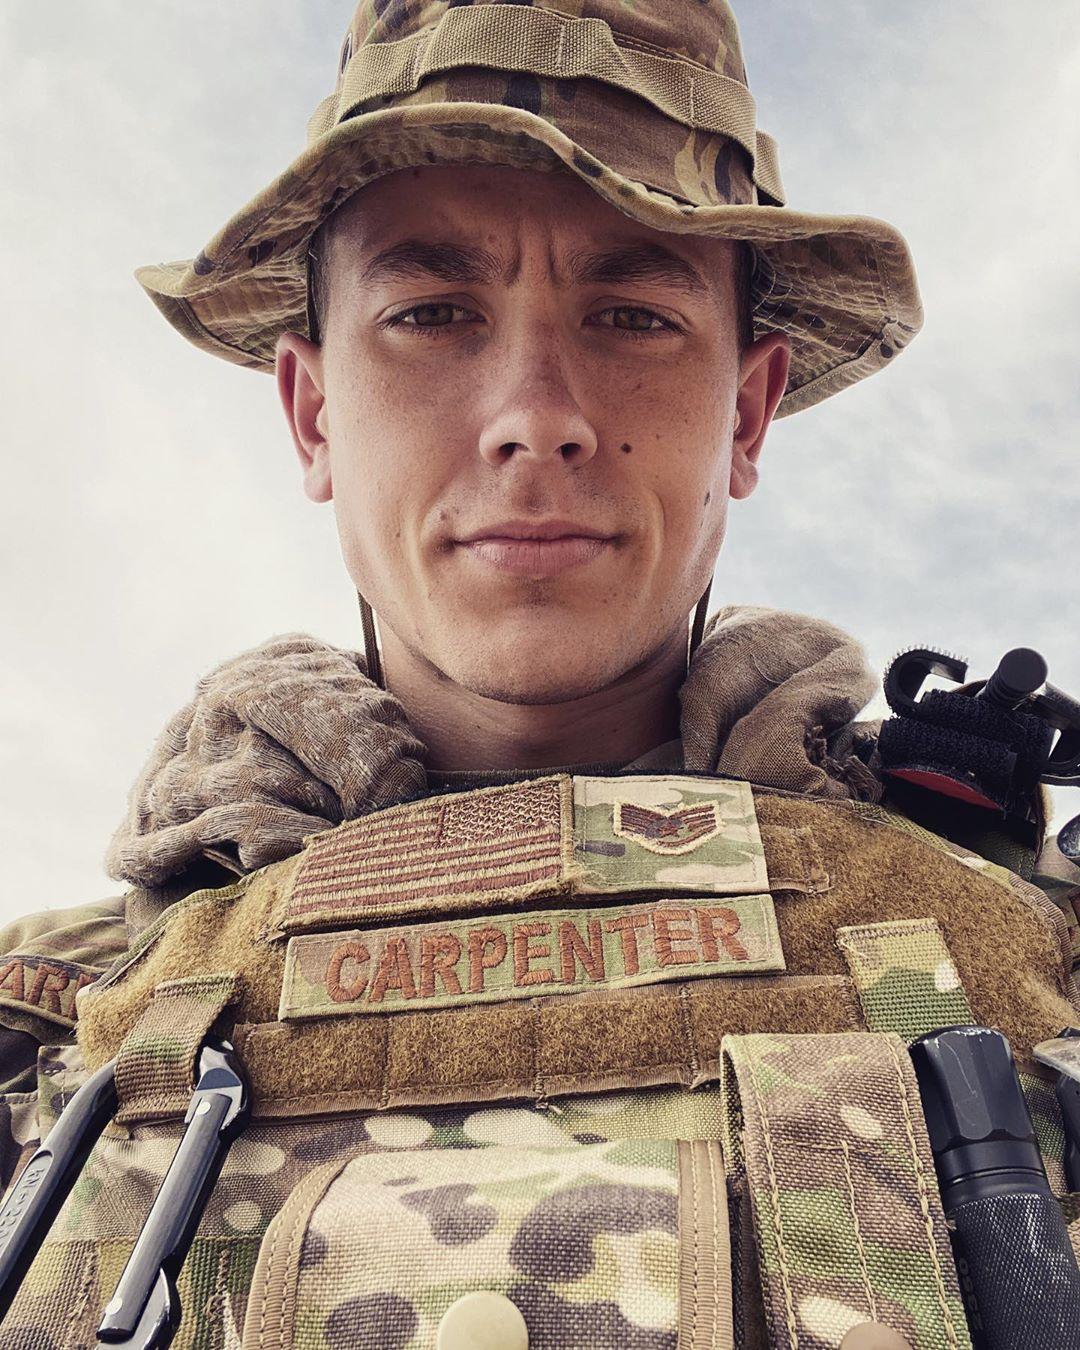 Logan Carpenter_39